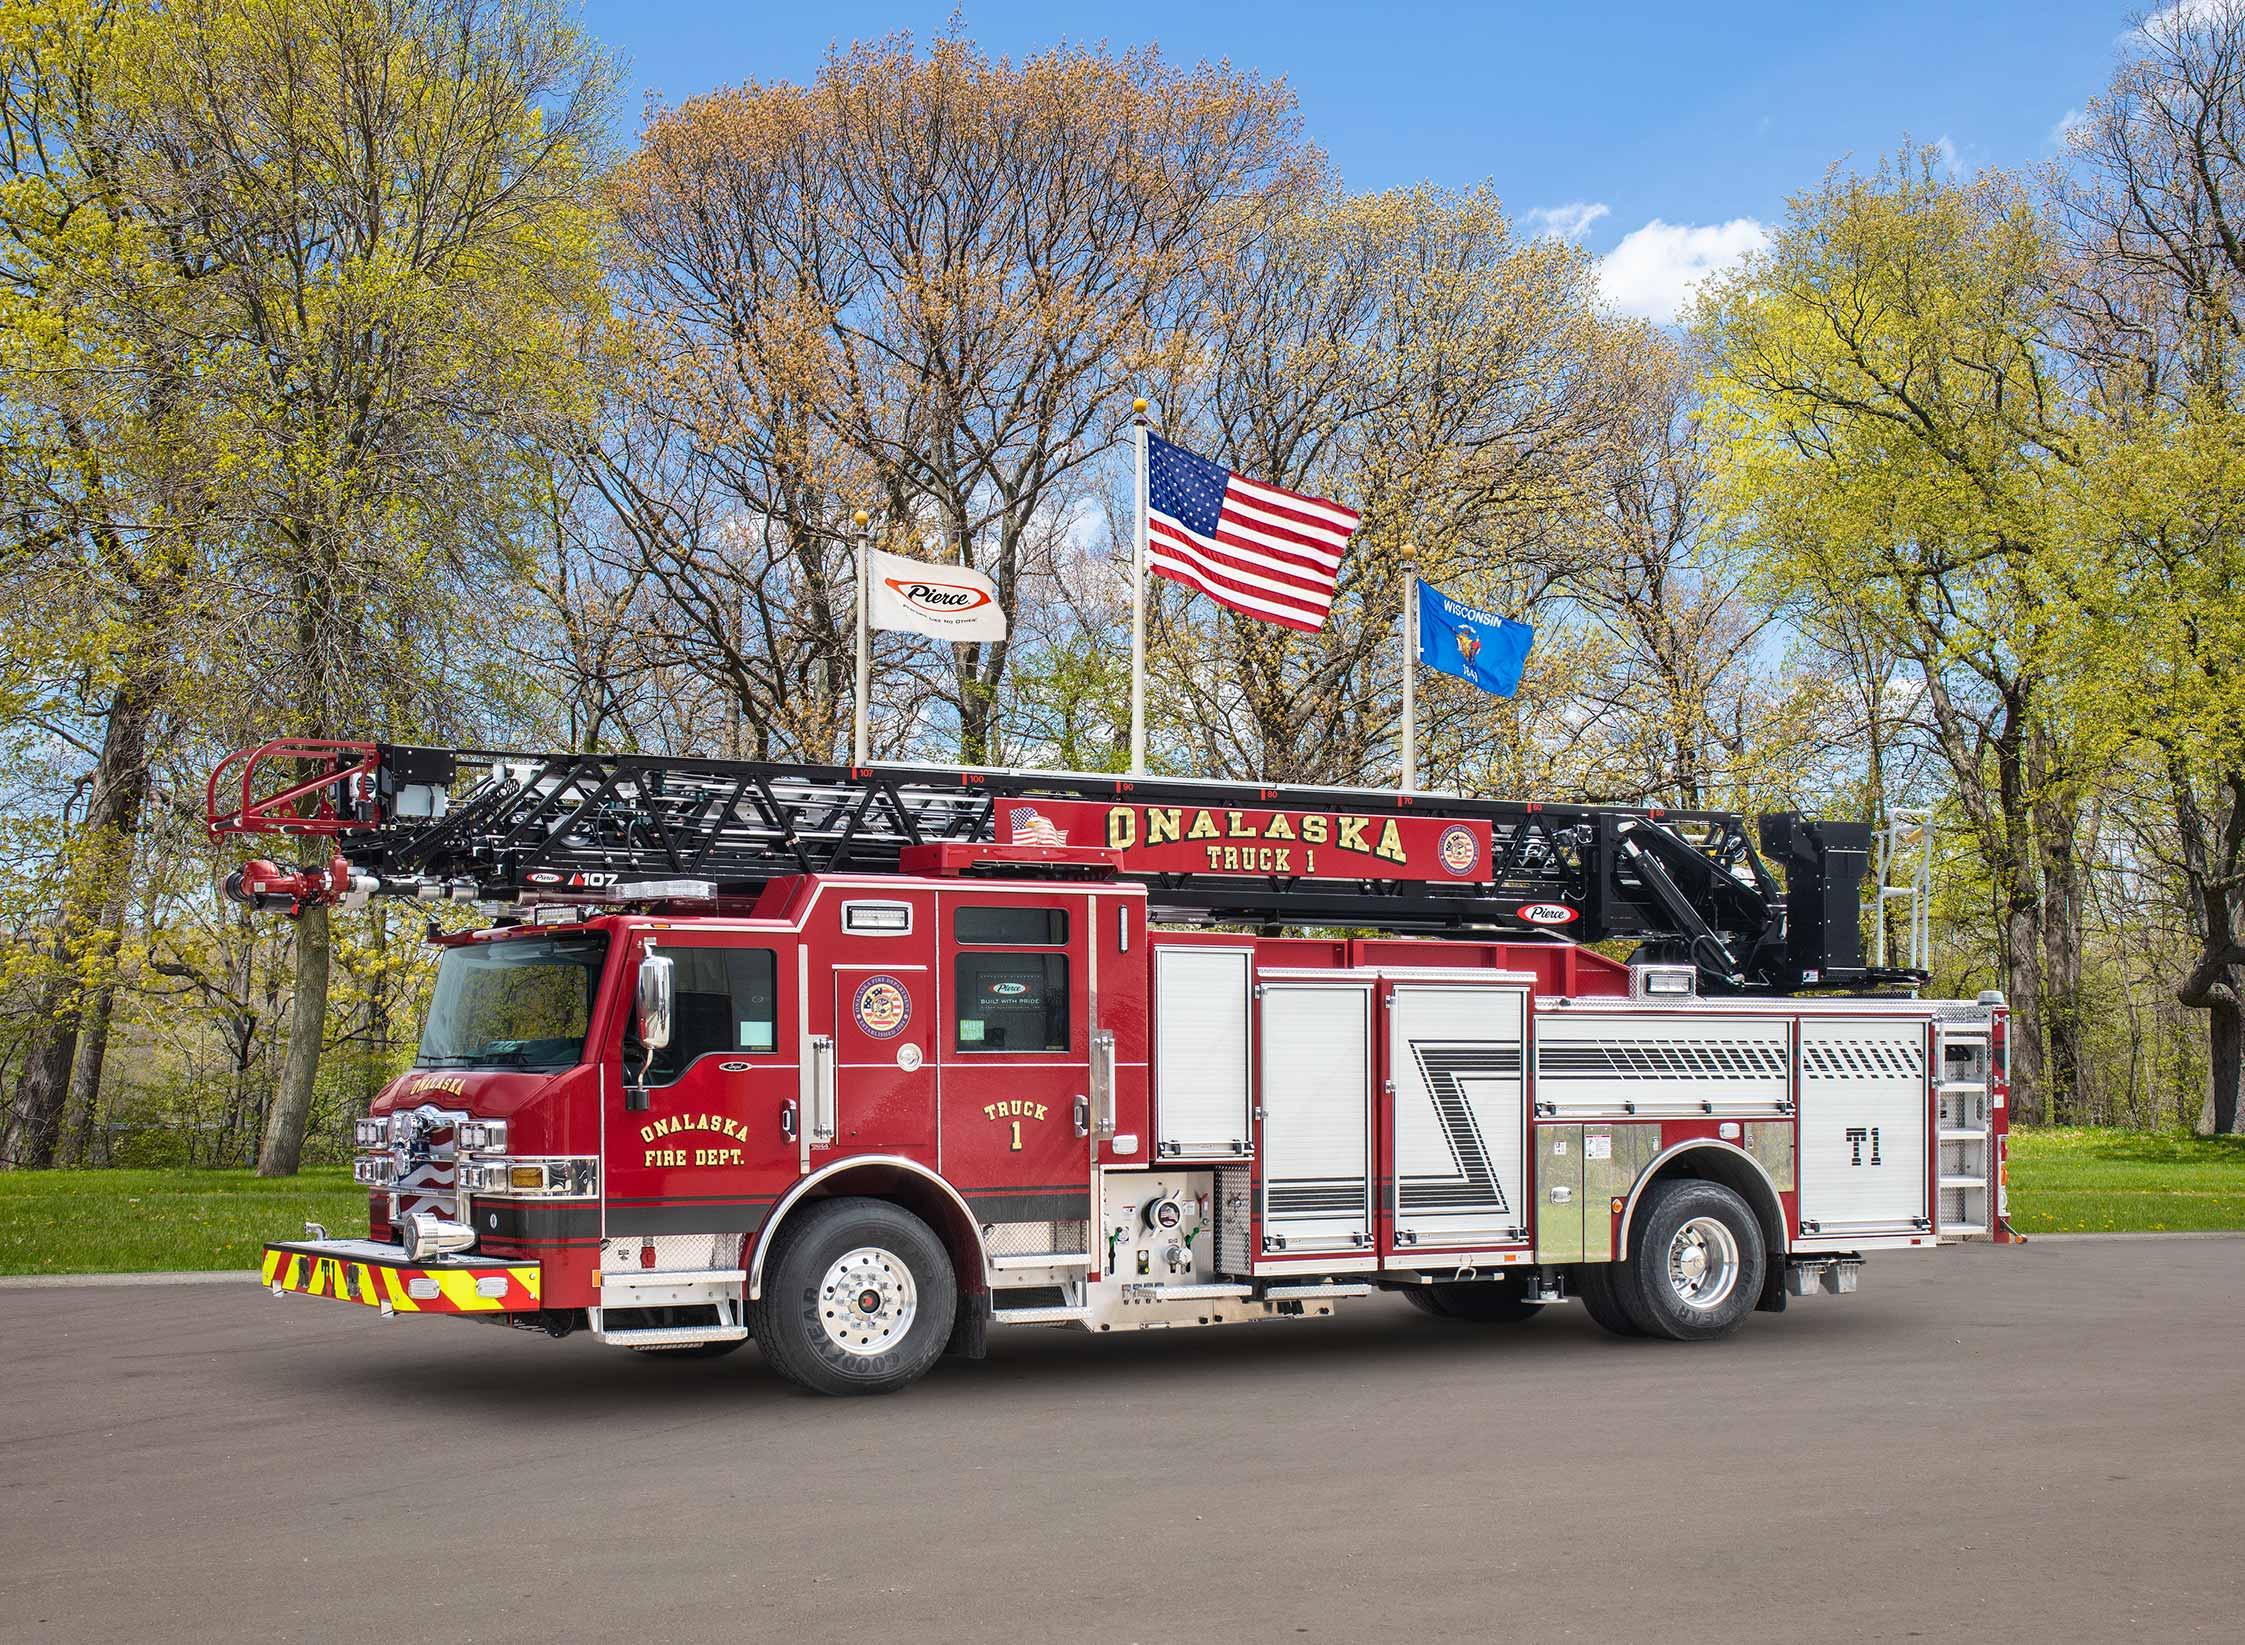 Onalaska Fire Department - Aerial